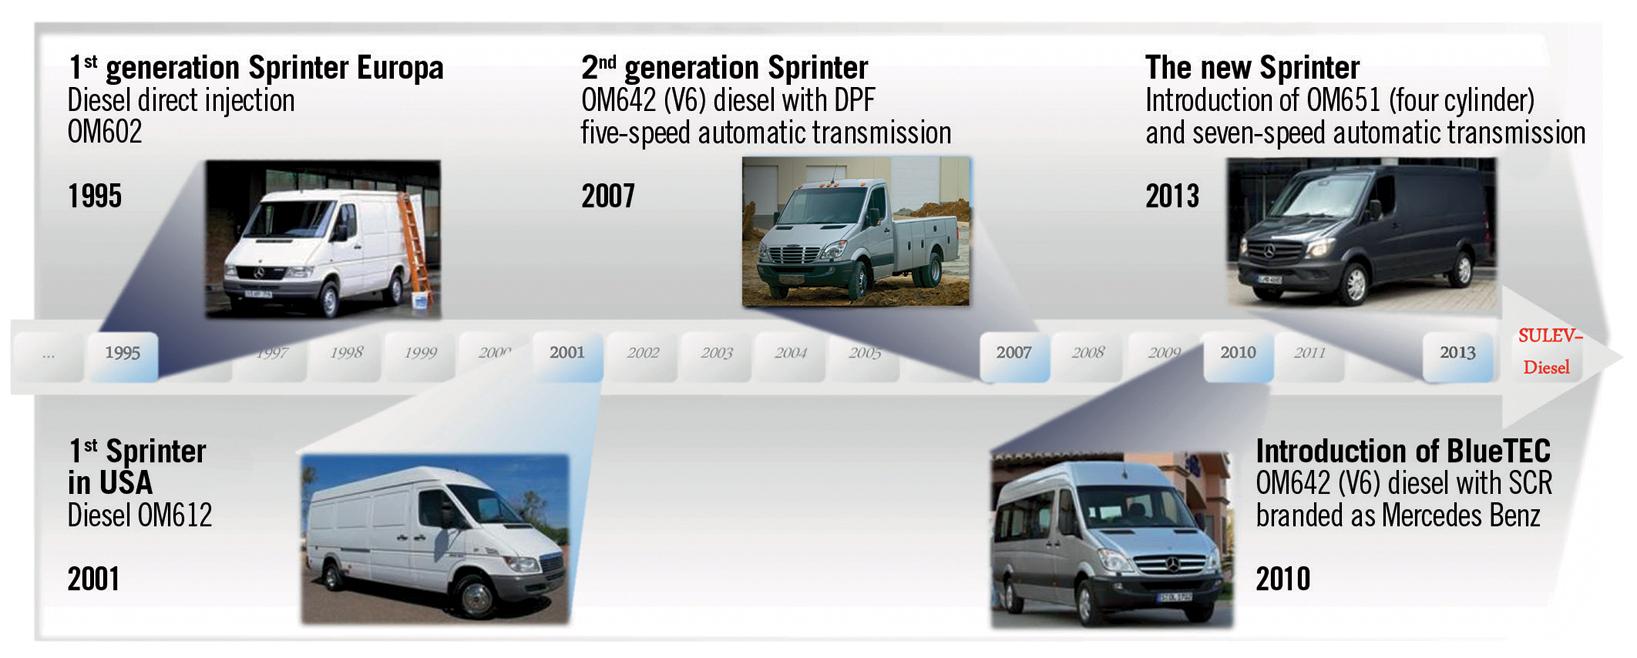 First SULEV Diesel Engine in Mercedes-Benz Sprinter